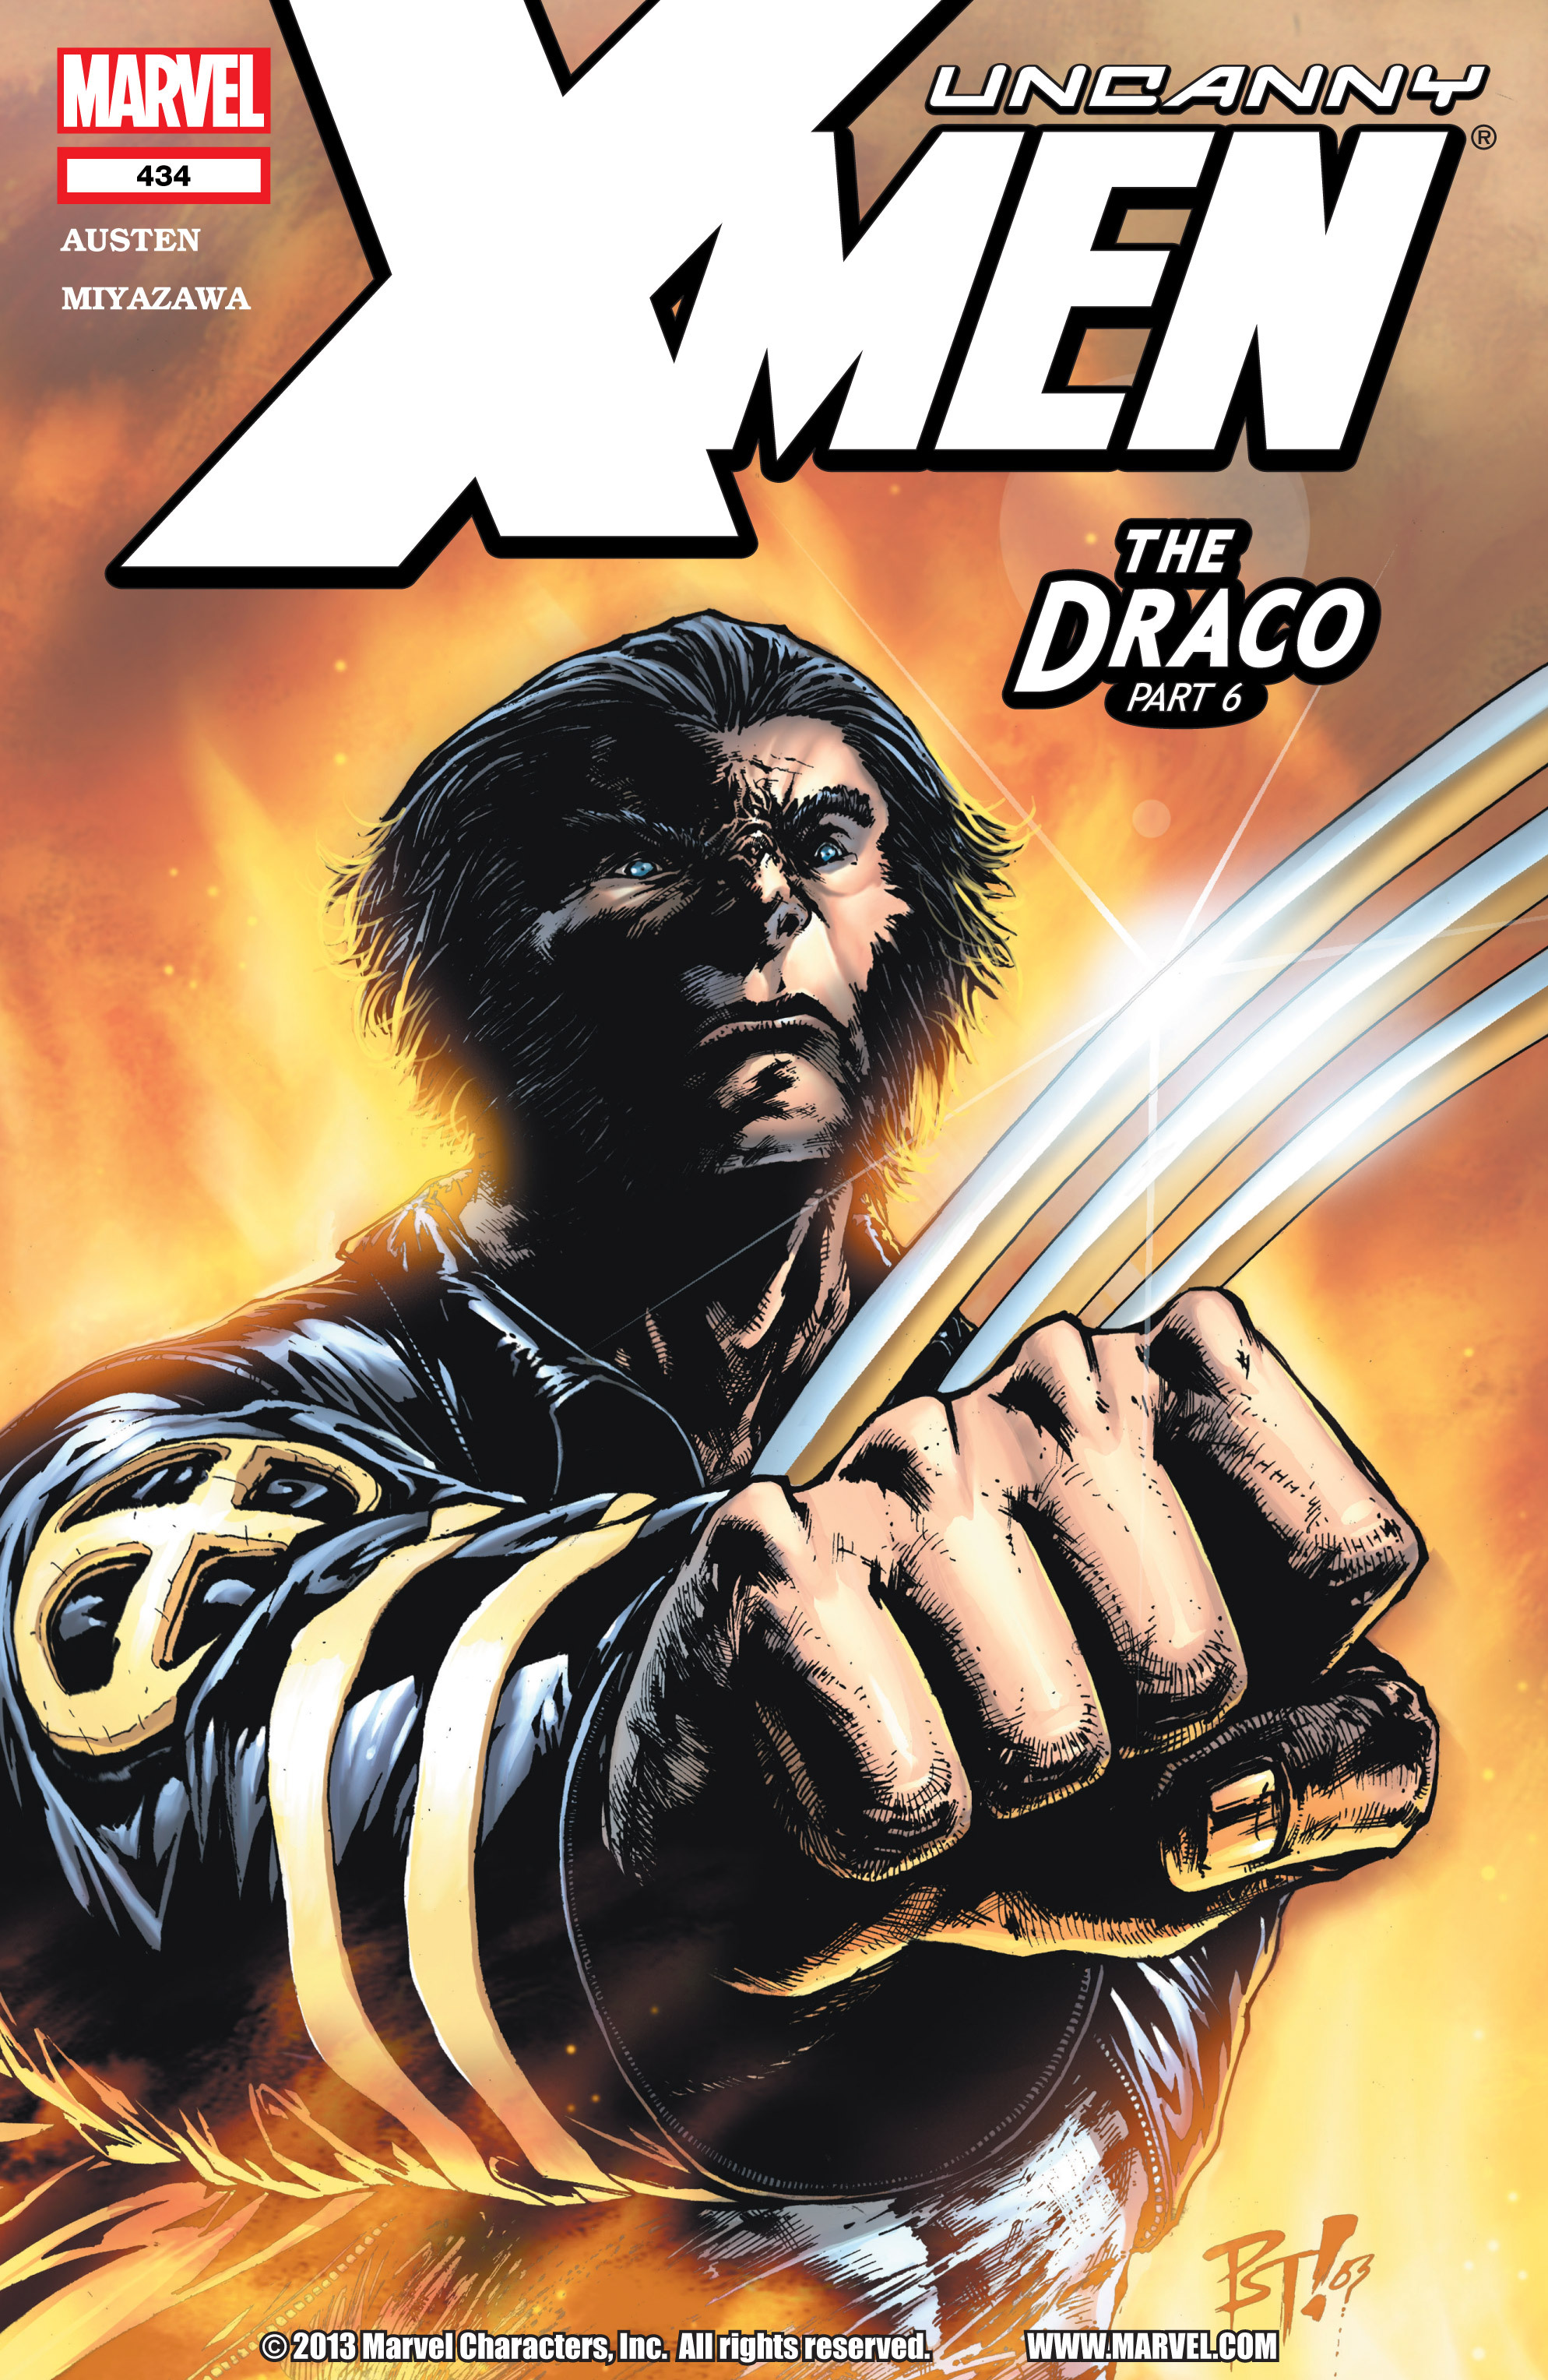 Read online Uncanny X-Men (1963) comic -  Issue #434 - 1